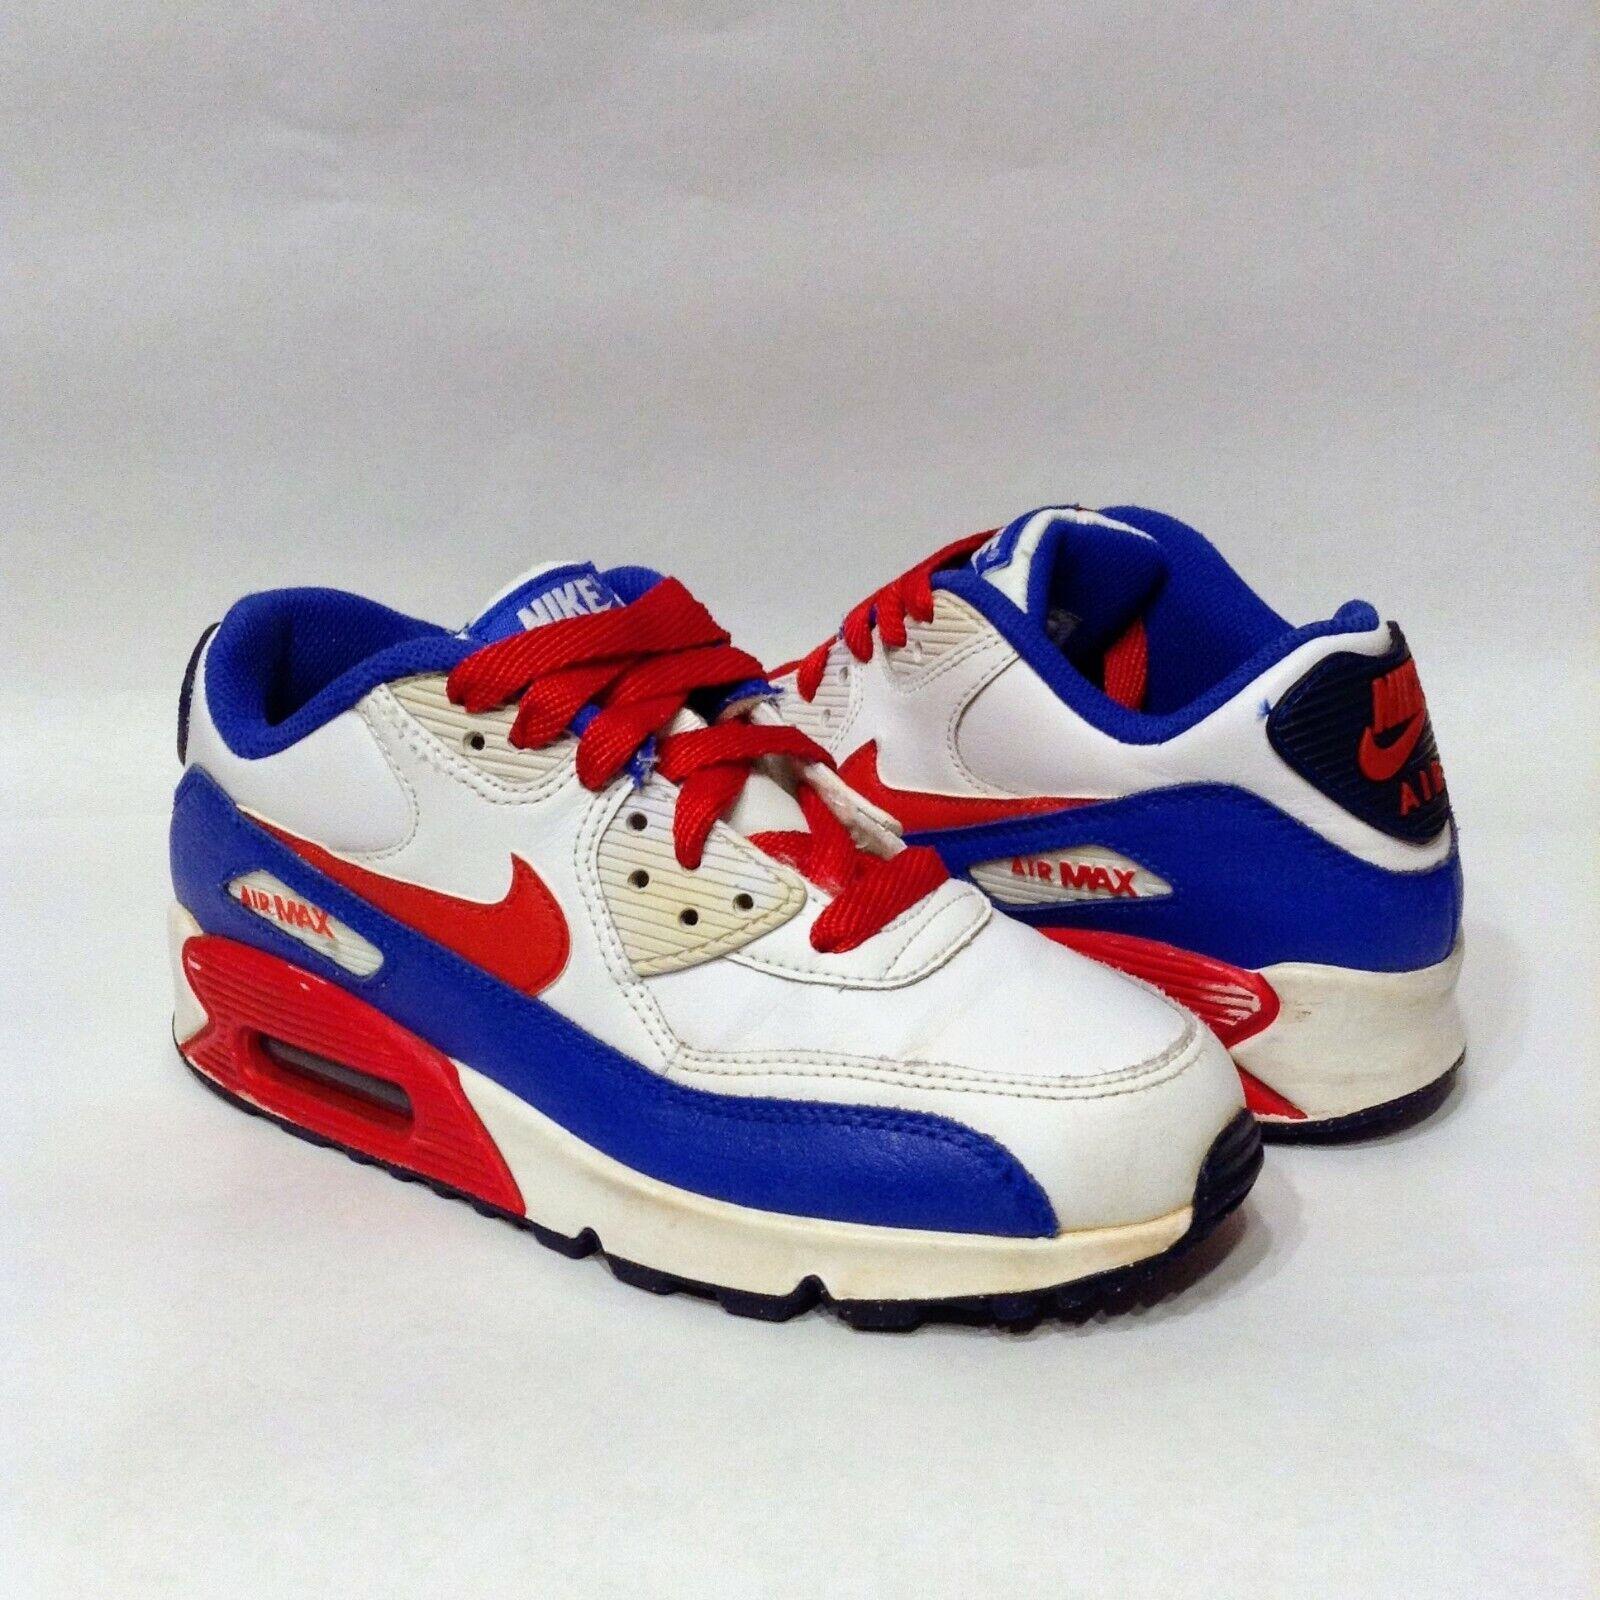 air max 90 red white blue